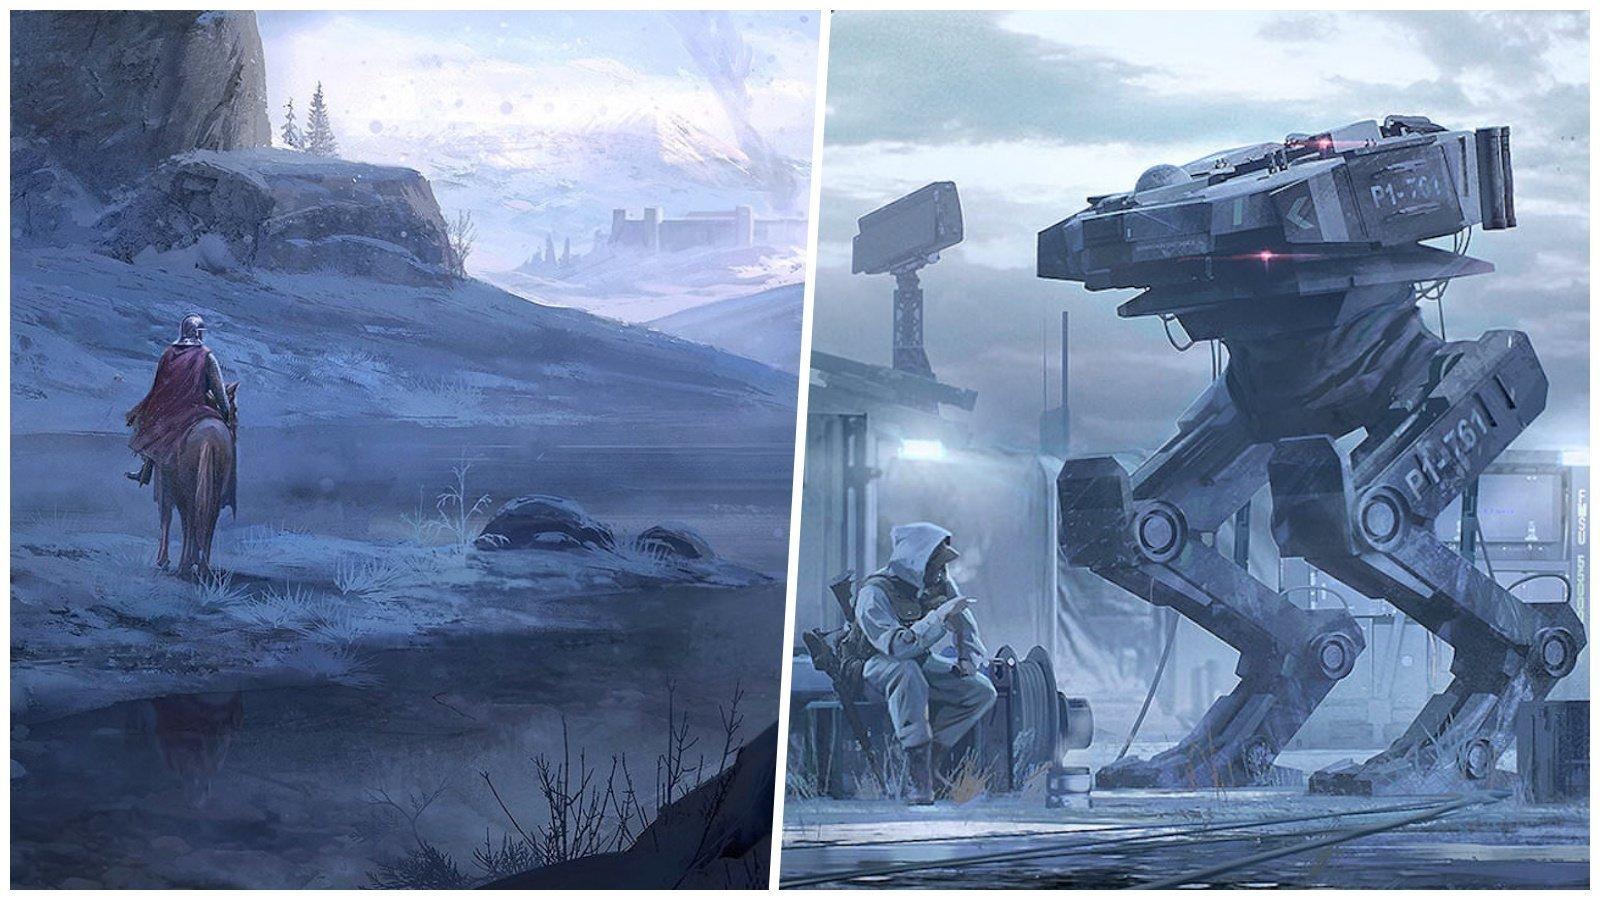 Миры прошлого и будущего в картинах главного художника Ubisoft искусство, картины, рисунки, юхани йокинен